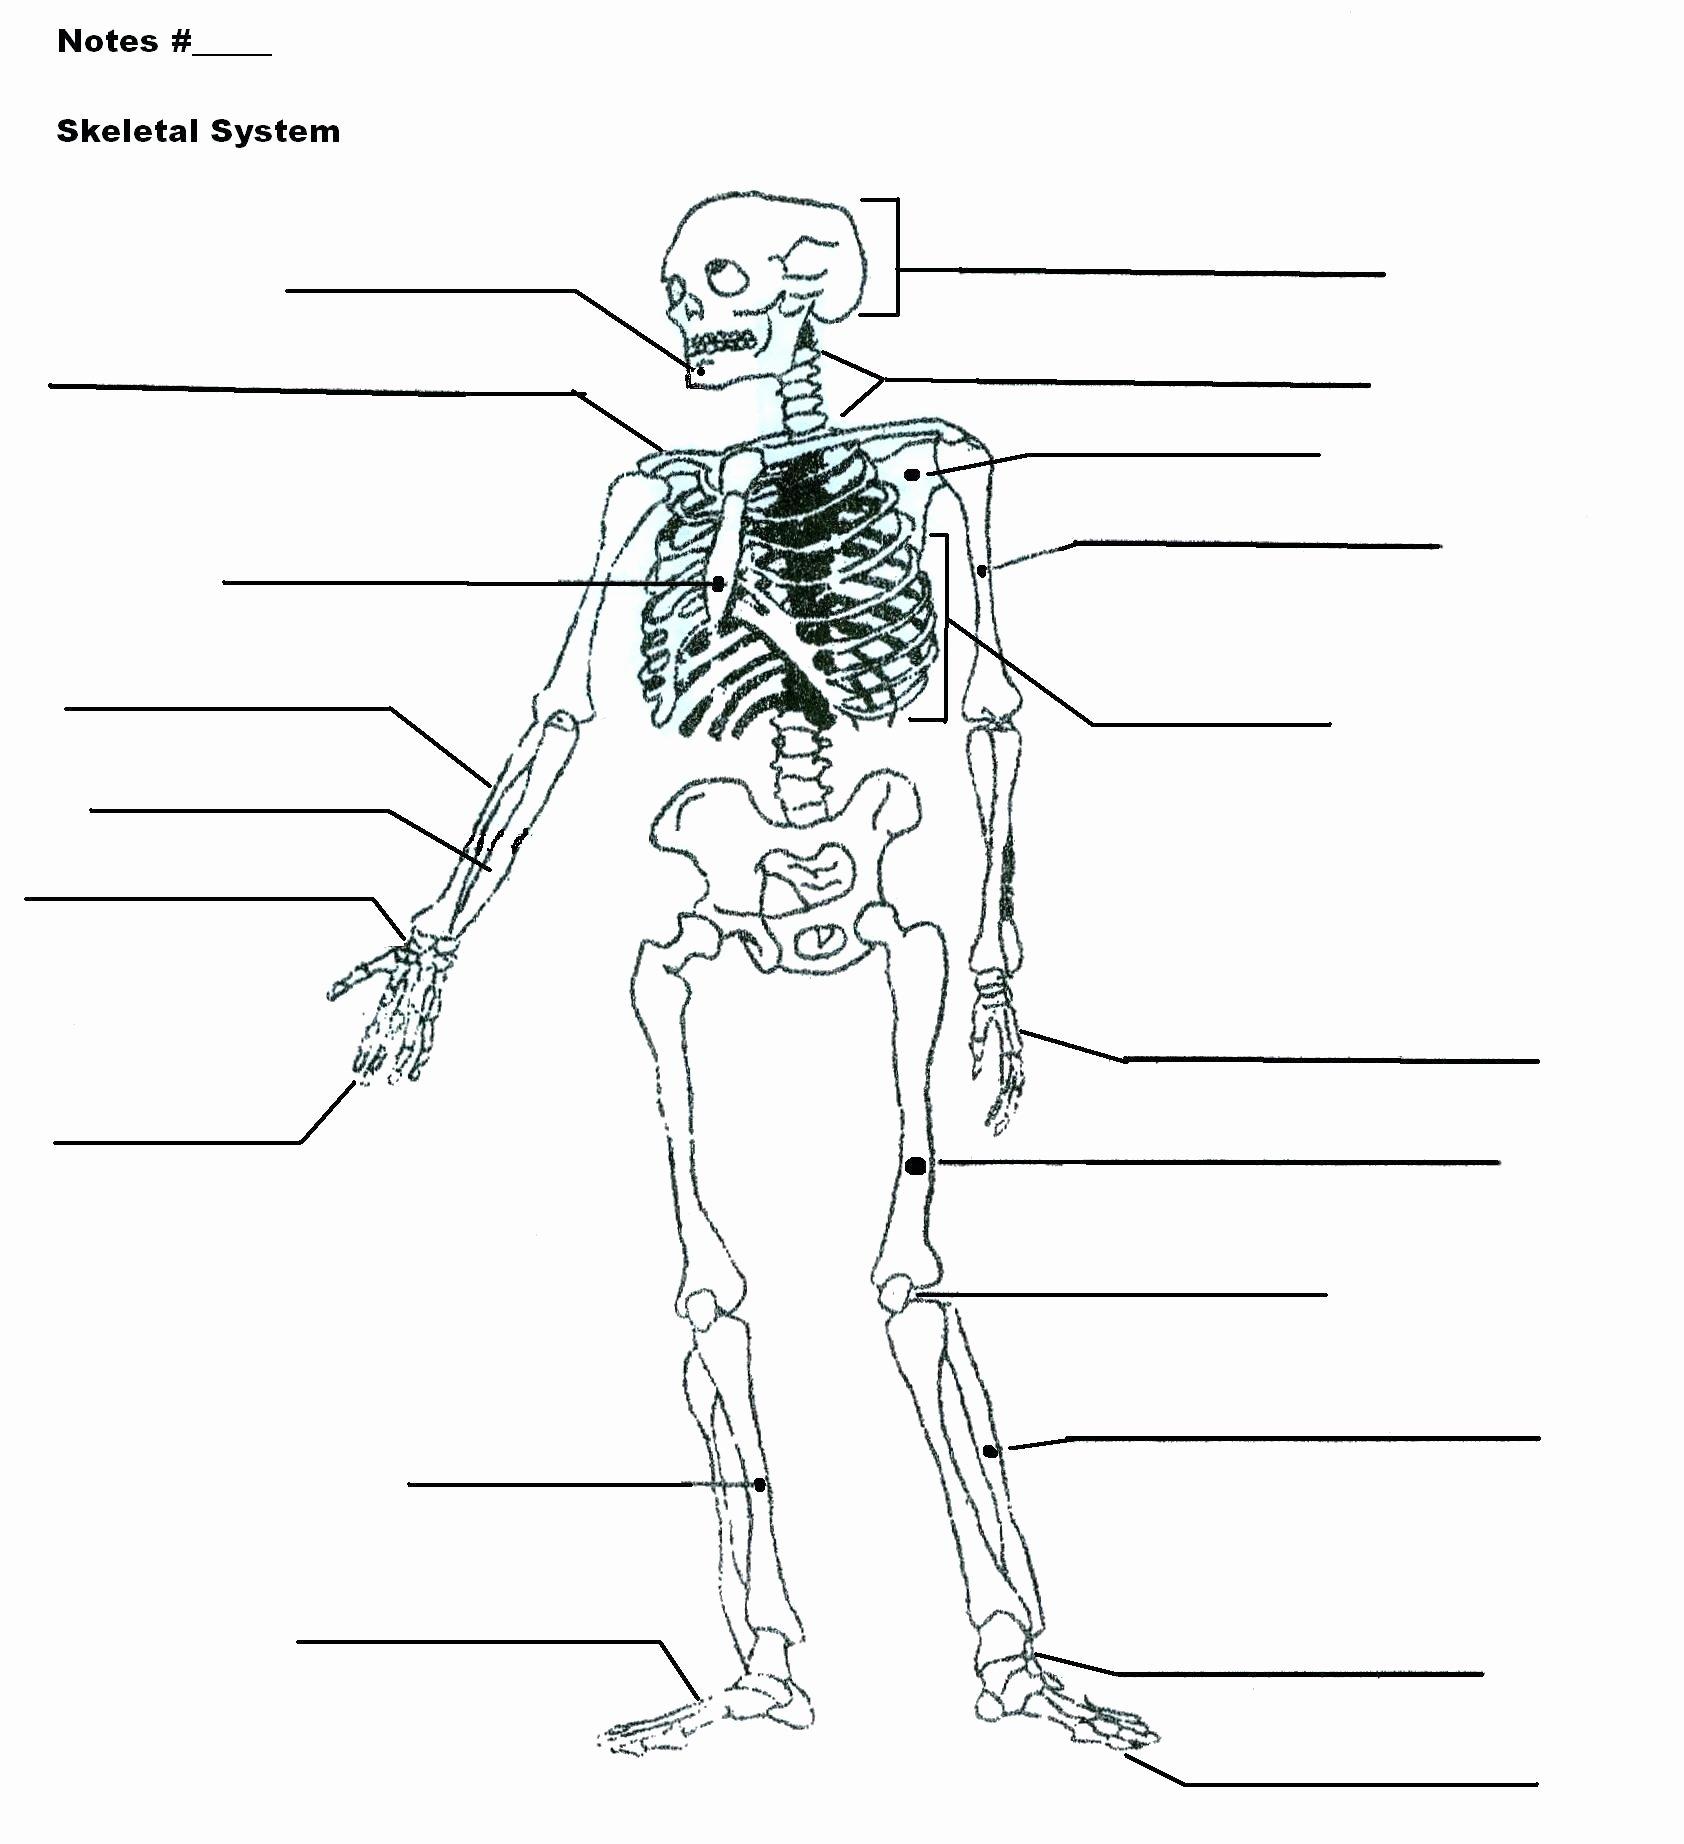 50 Skeletal System Labeling Worksheet